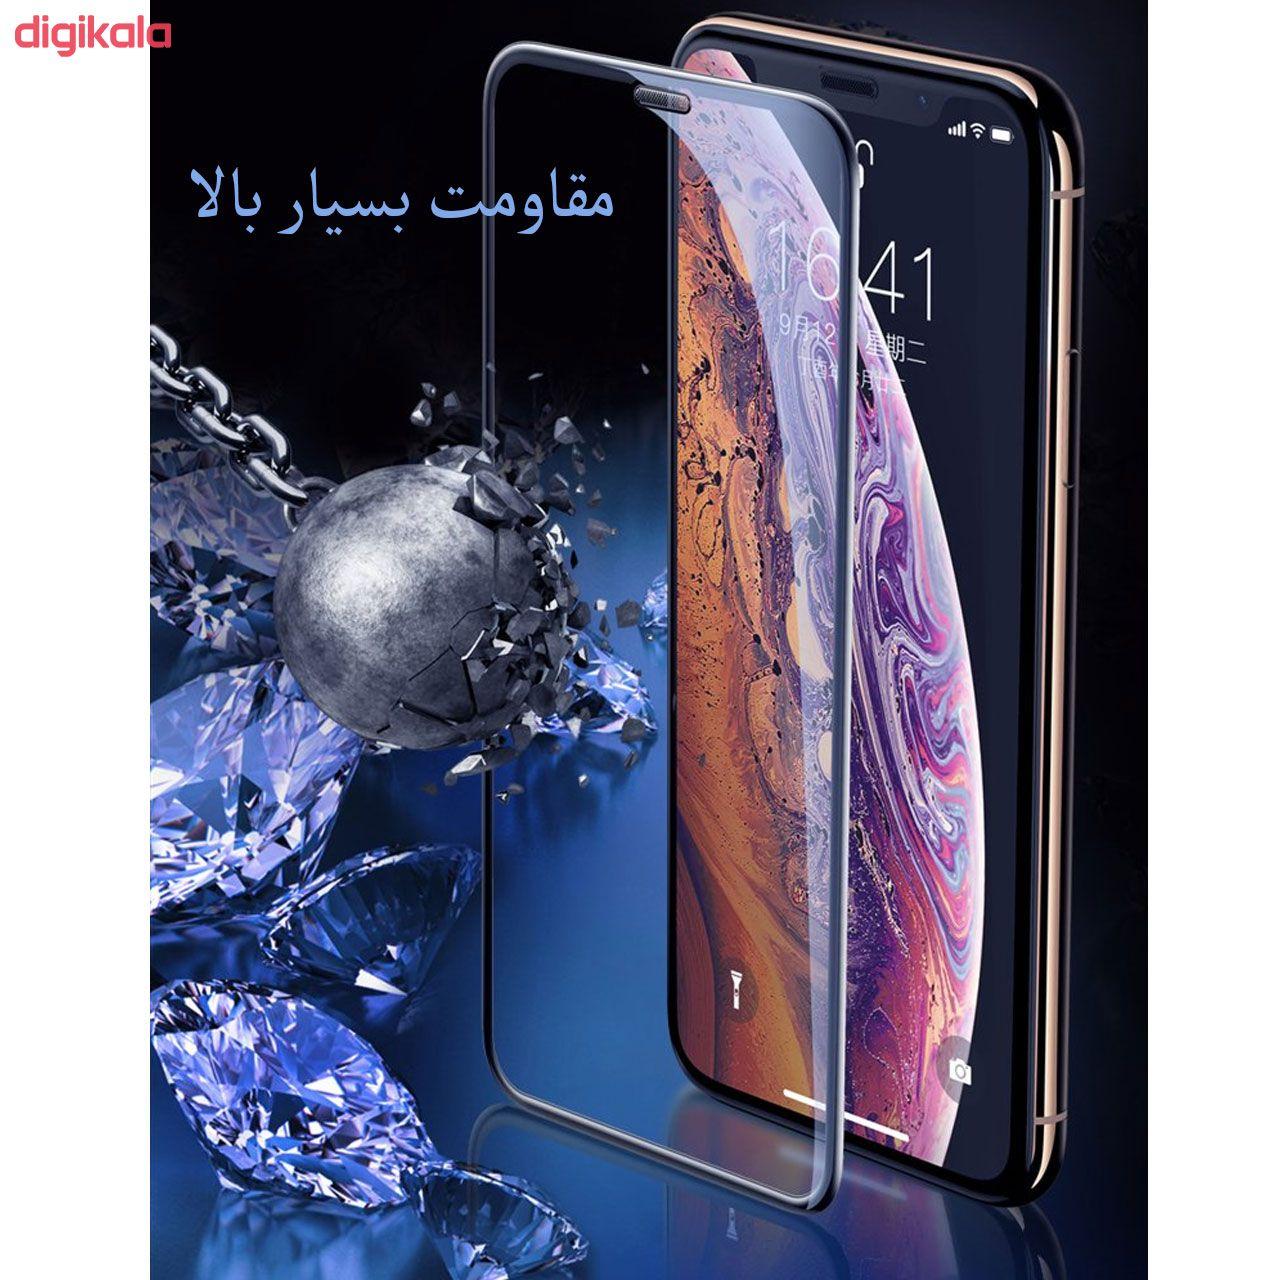 محافظ صفحه نمایش مدل FCG مناسب برای گوشی موبایل اپل iPhone 12 Pro Max بسته دو عددی main 1 12